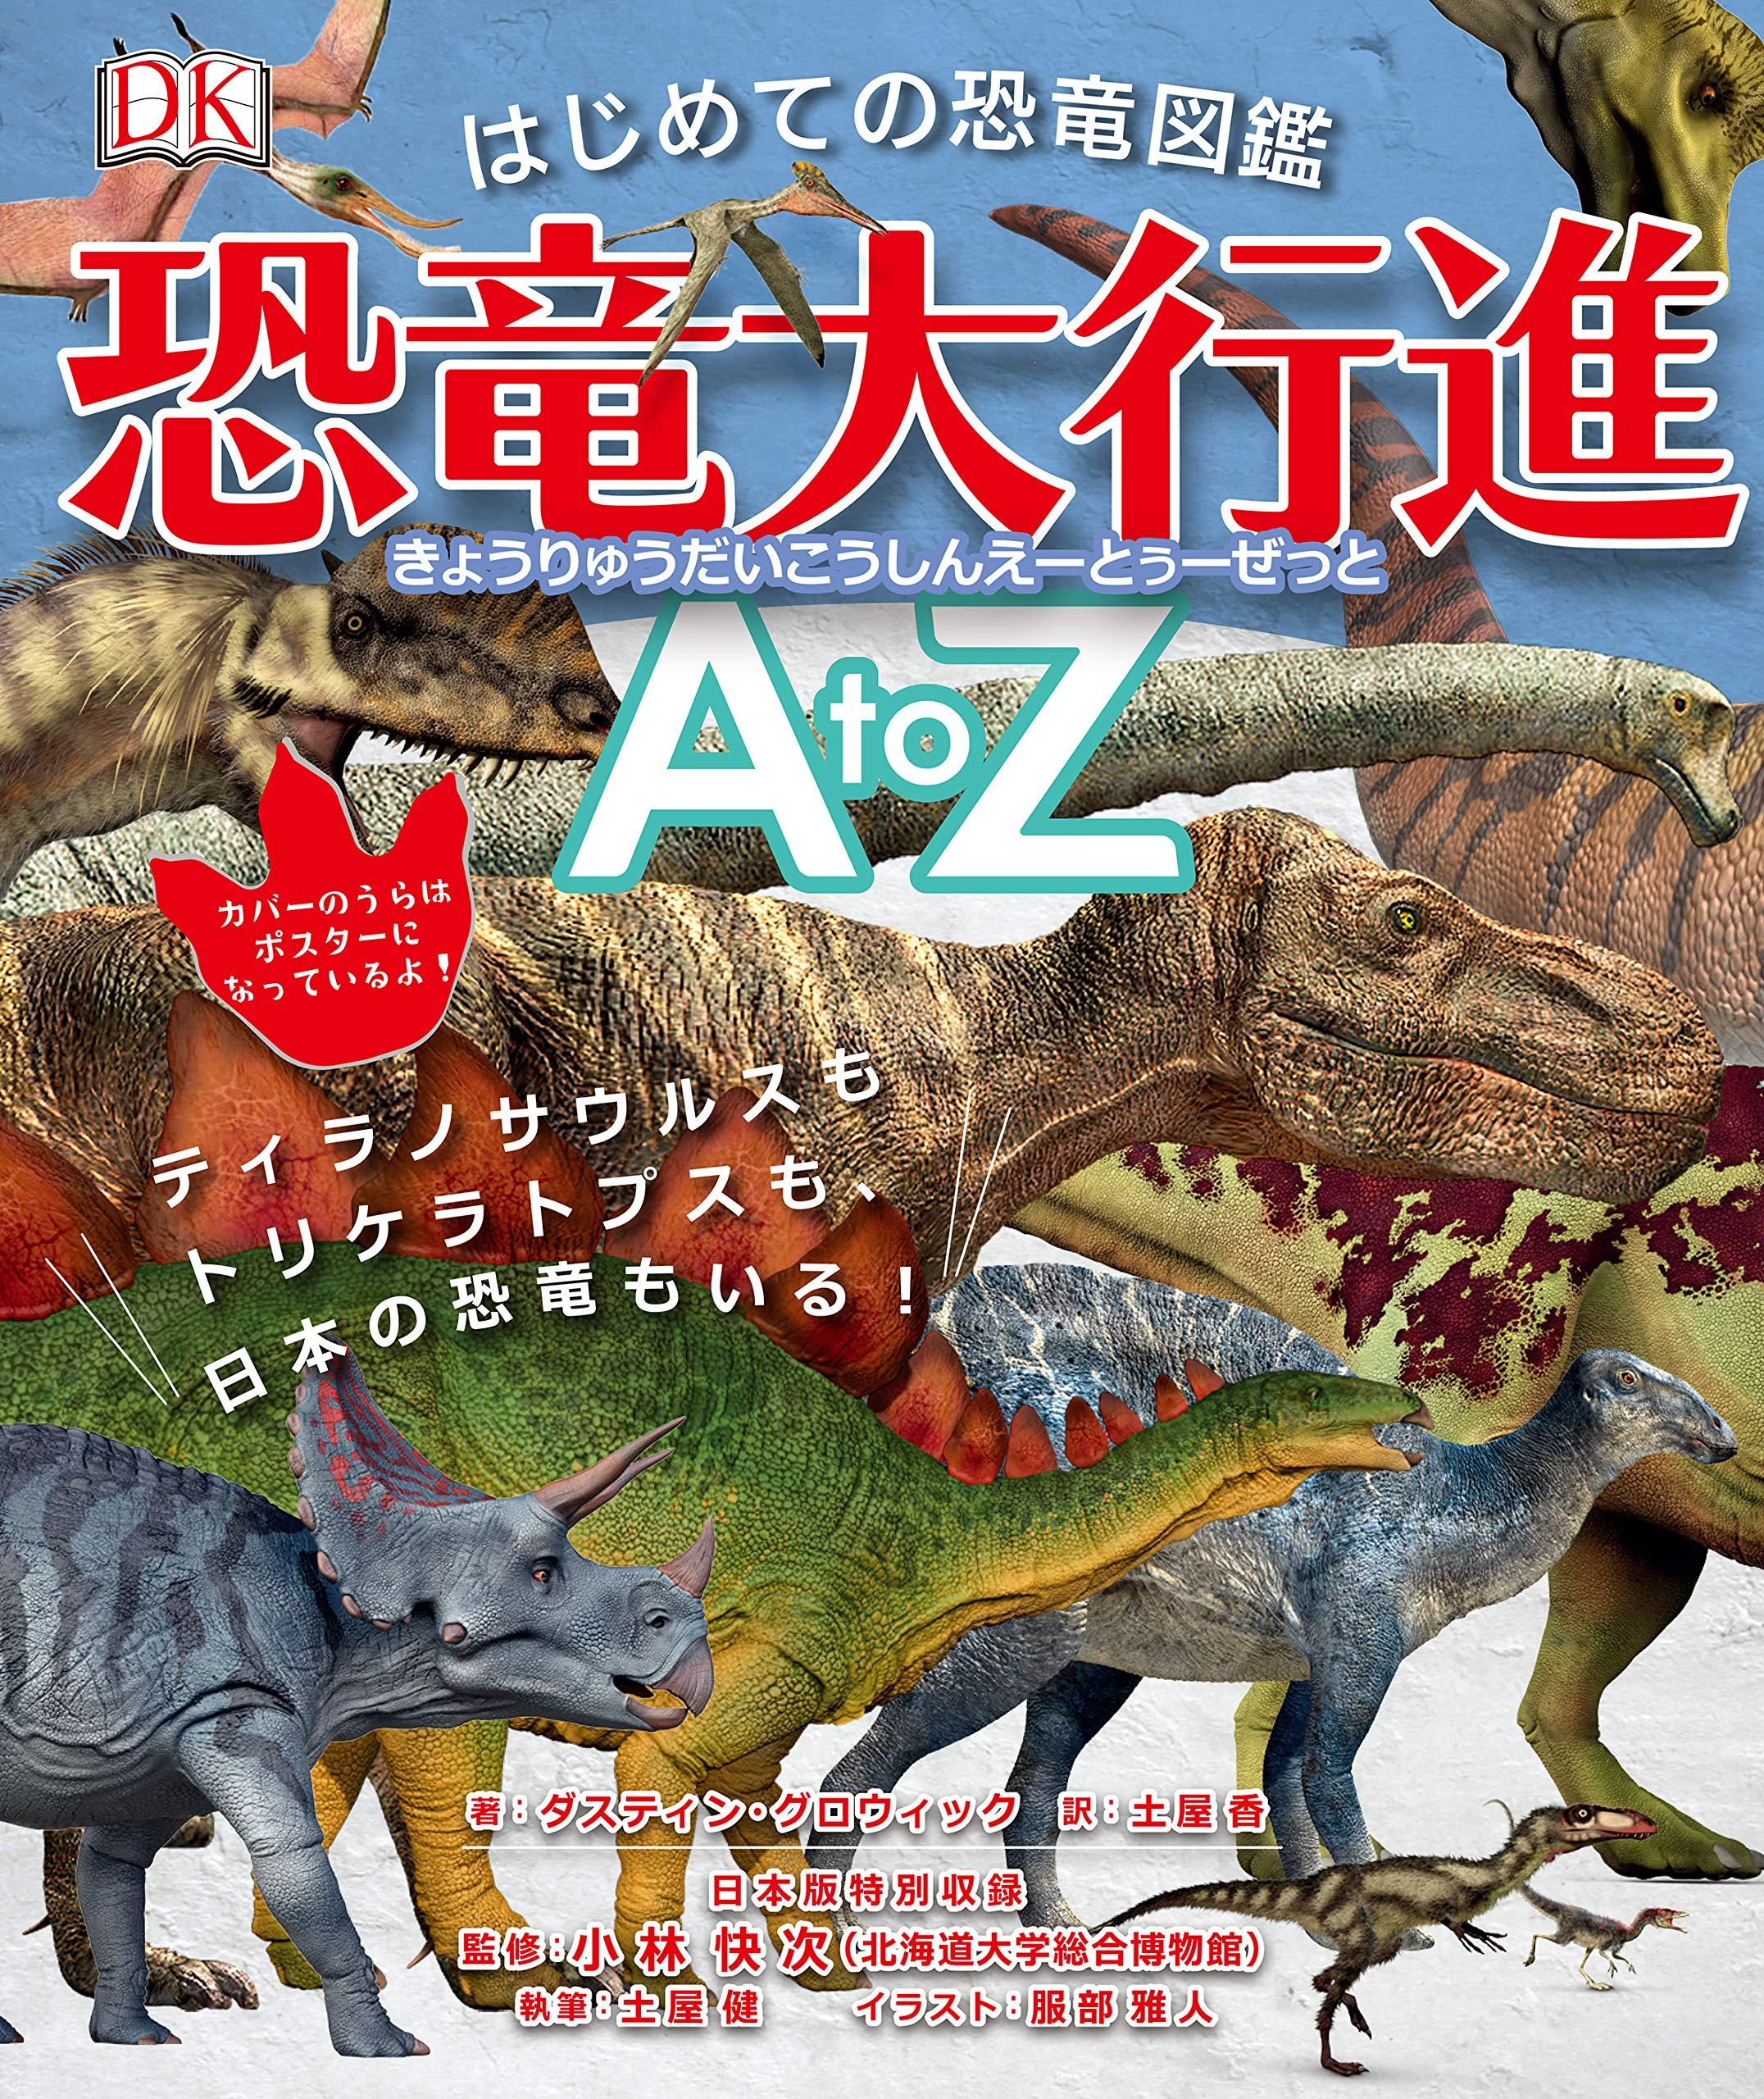 はじめての恐竜図鑑 恐竜大行進 AtoZ